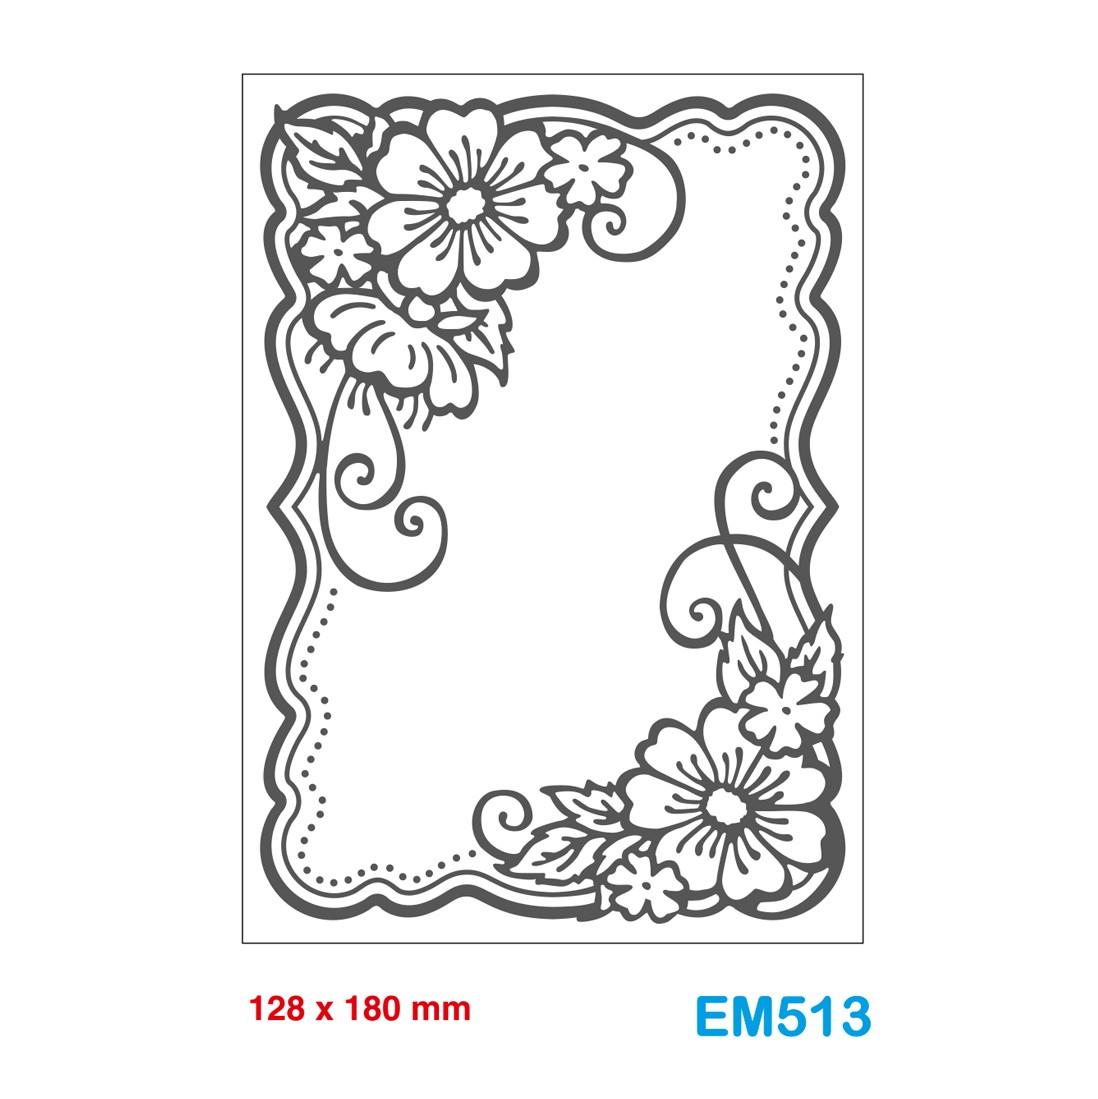 Fiori 2d.Cartella Effetto Rilievo 2d Embossing Forma Cornice Fiori 128x180mm